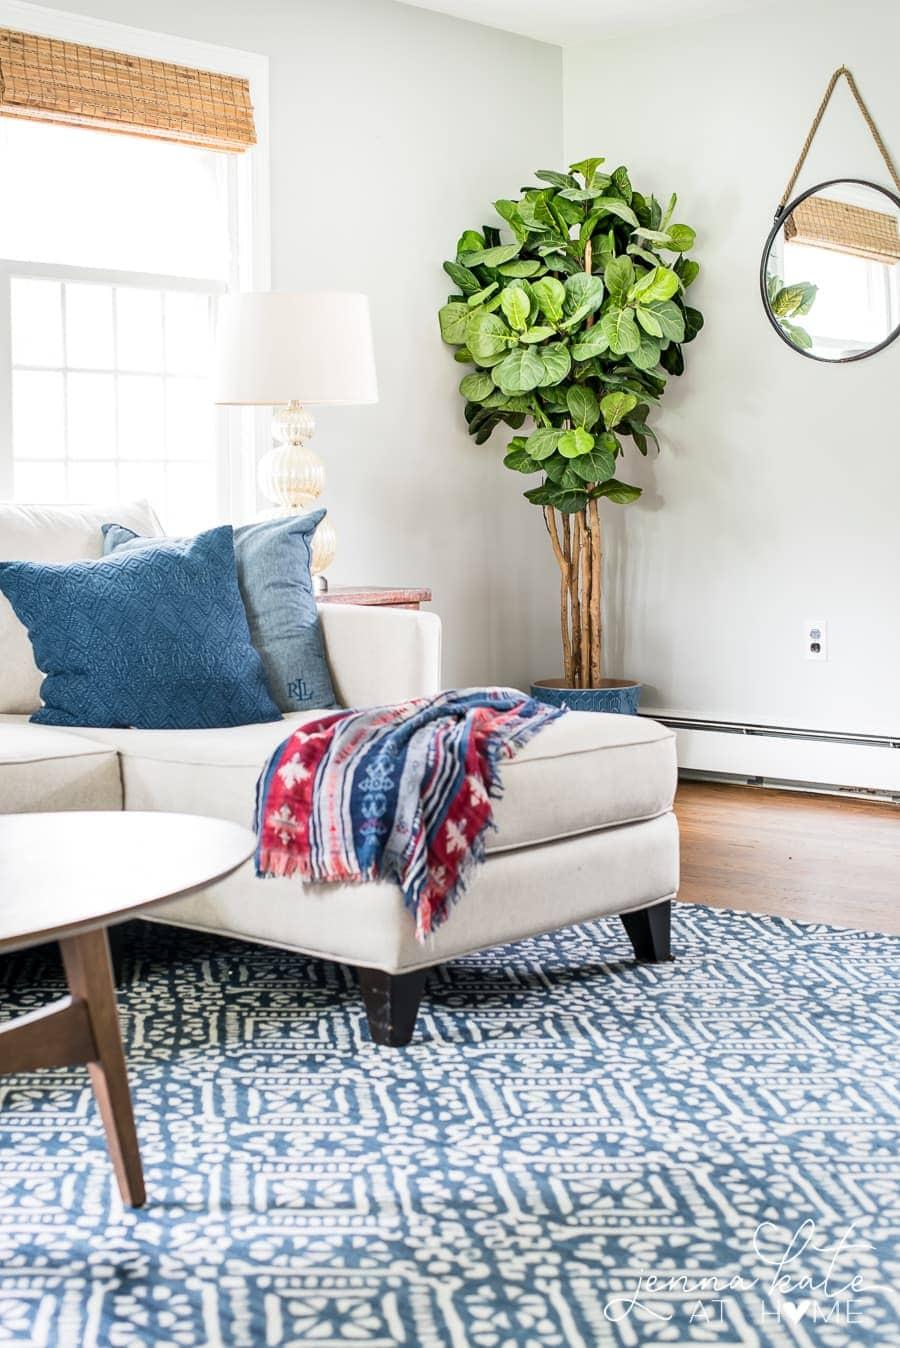 Navy blue printed living room rug